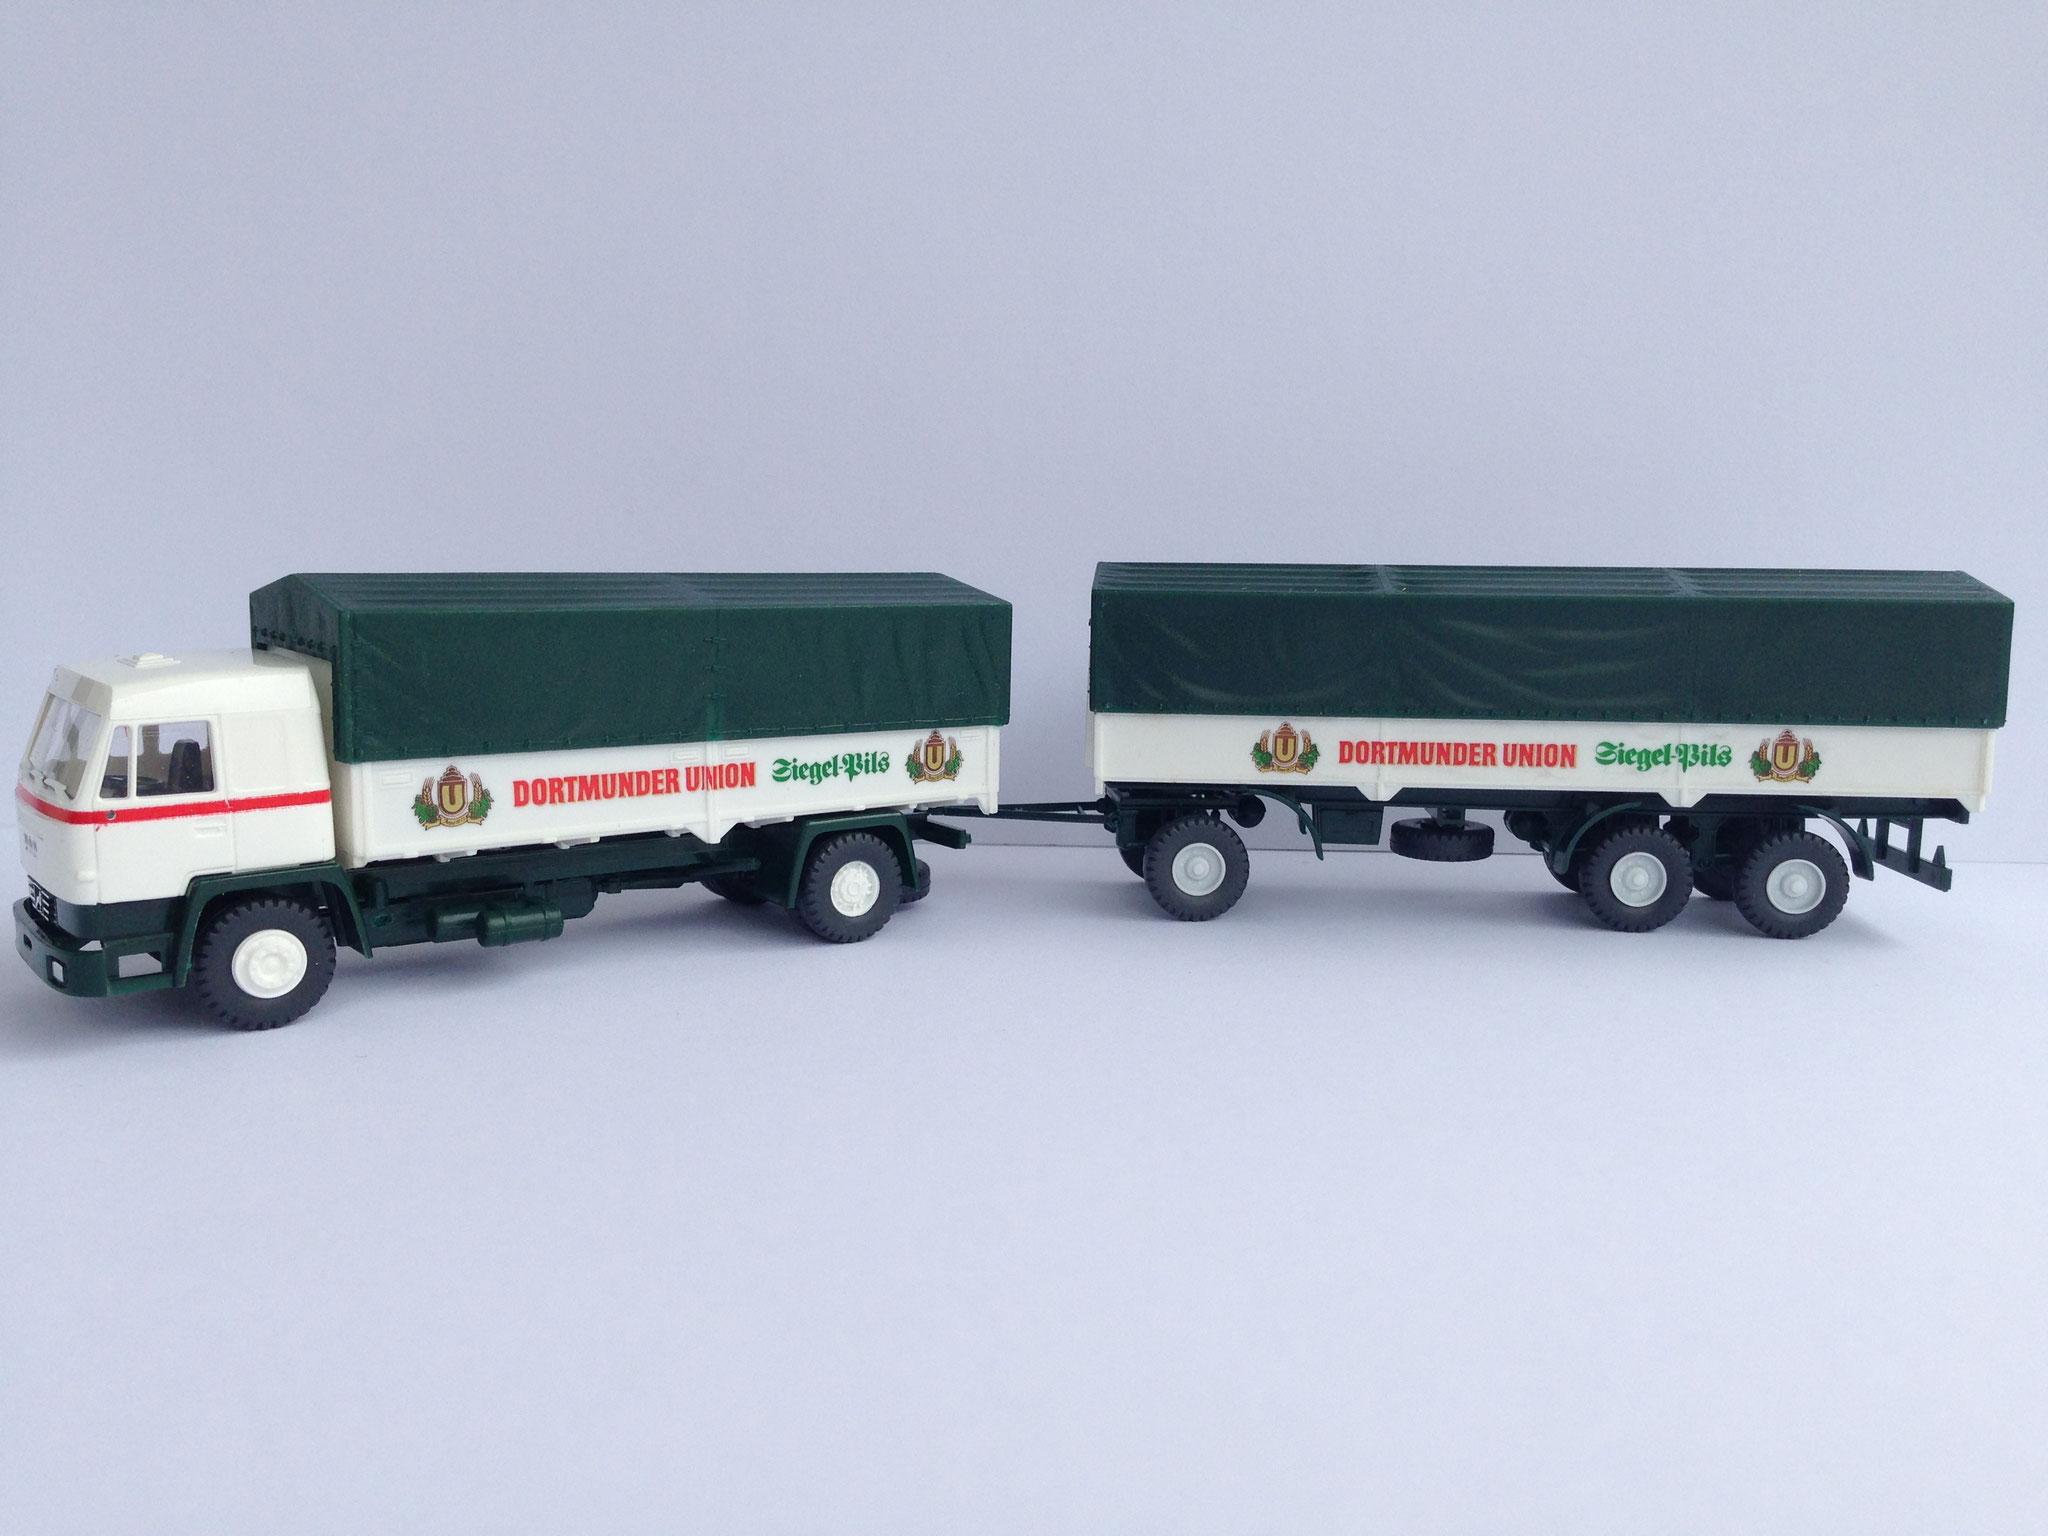 Dortmunder Union 2-Achser Bierwagen, Pritsche/Plane, Art. Nr. 611 (ab 1989 im Programm) und 3-Achs-Anhänger, Art. Nr. 611A (ab 1990 im Programm)